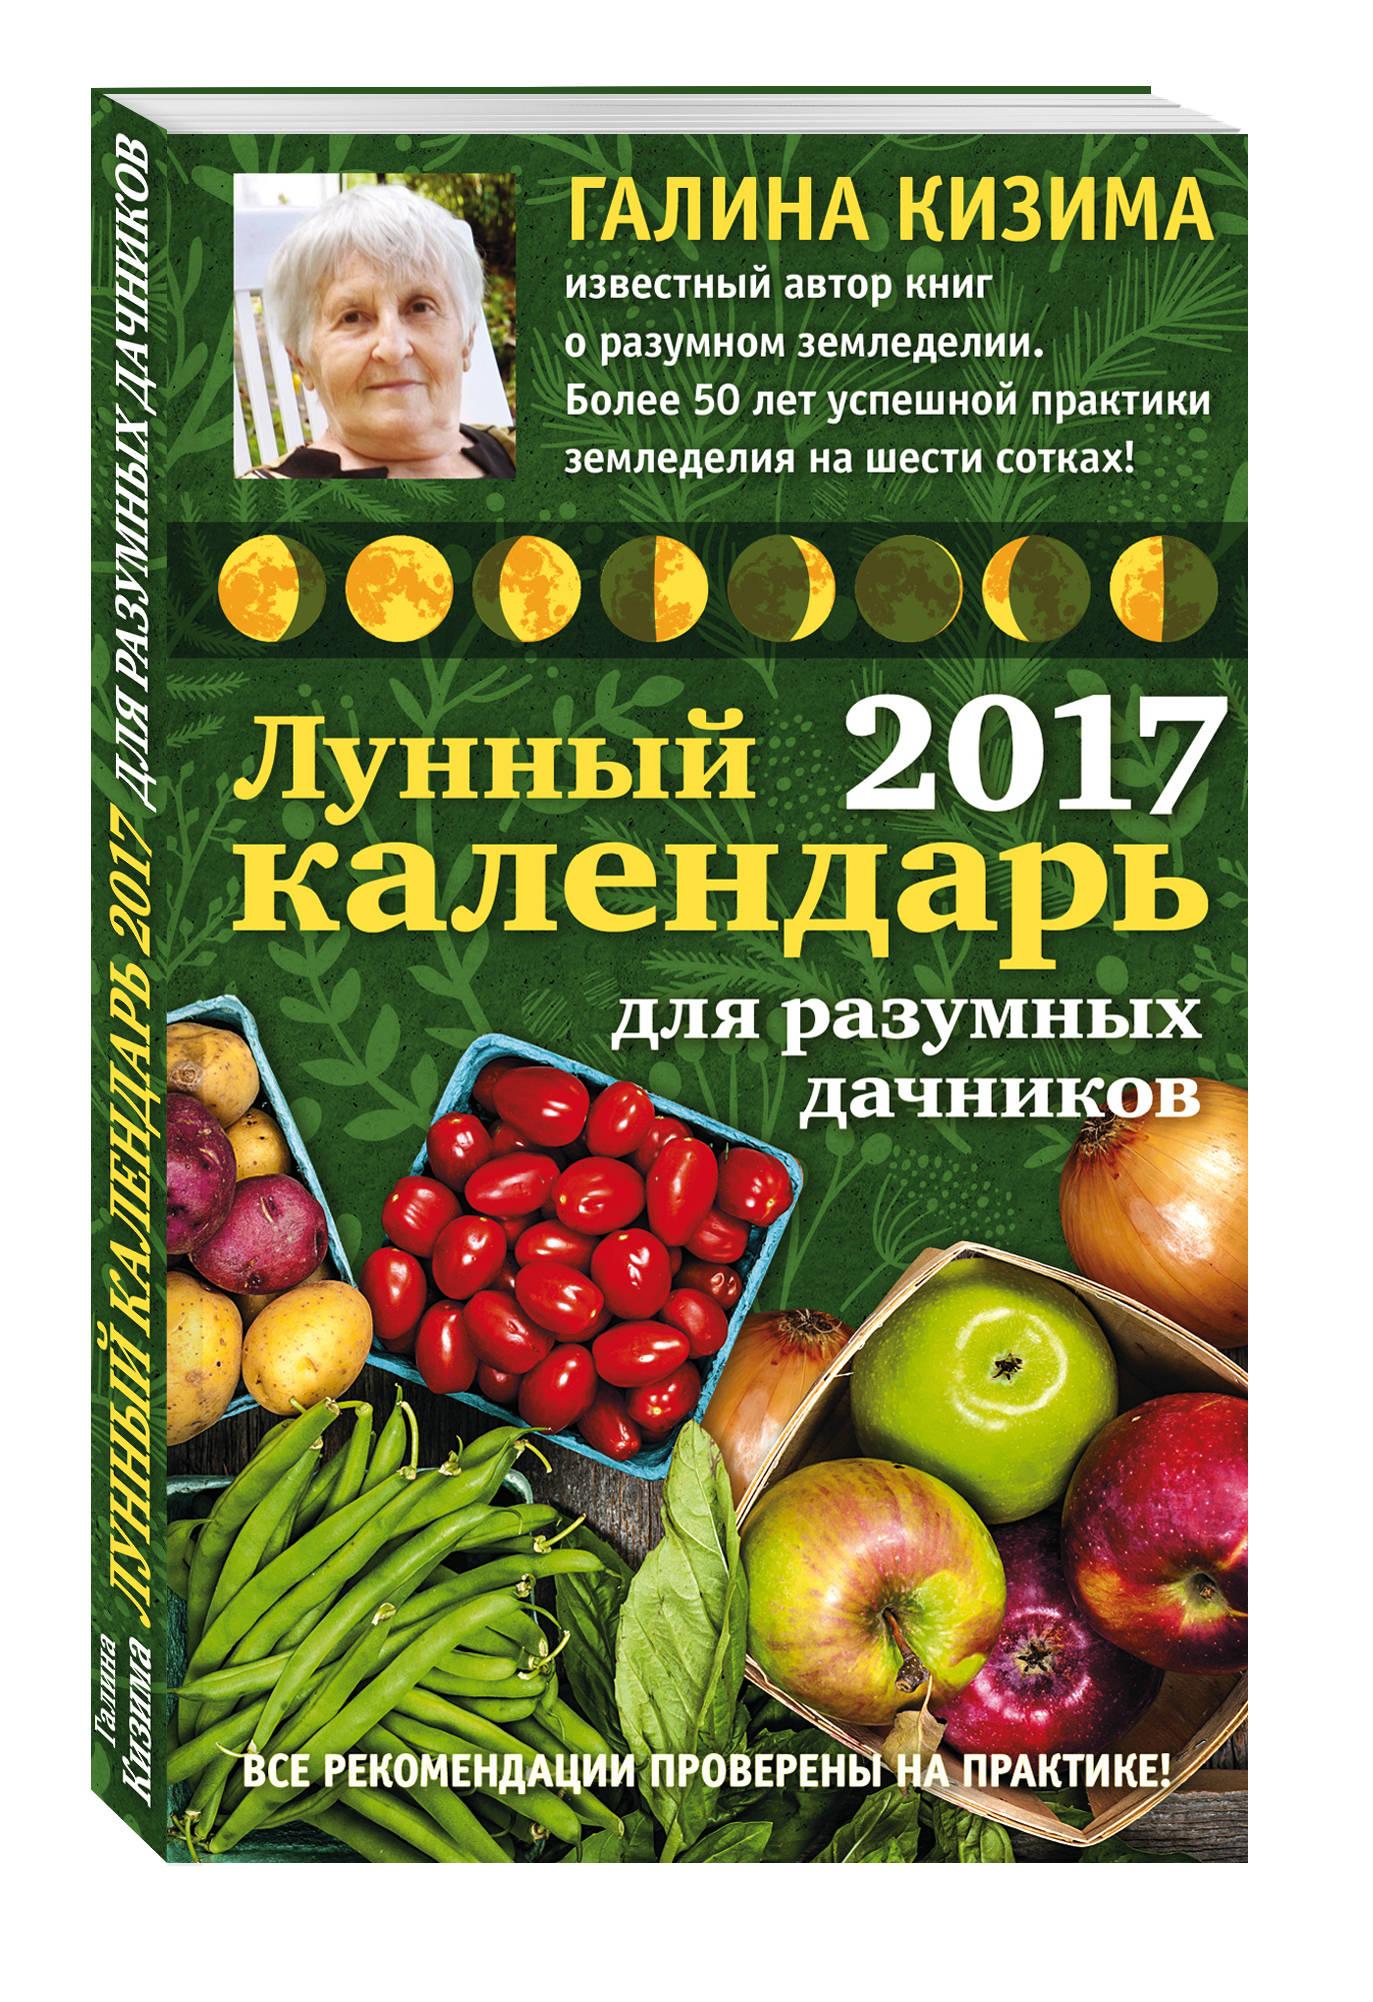 Лунный календарь для разумных дачников 2017 от Галины Кизимы